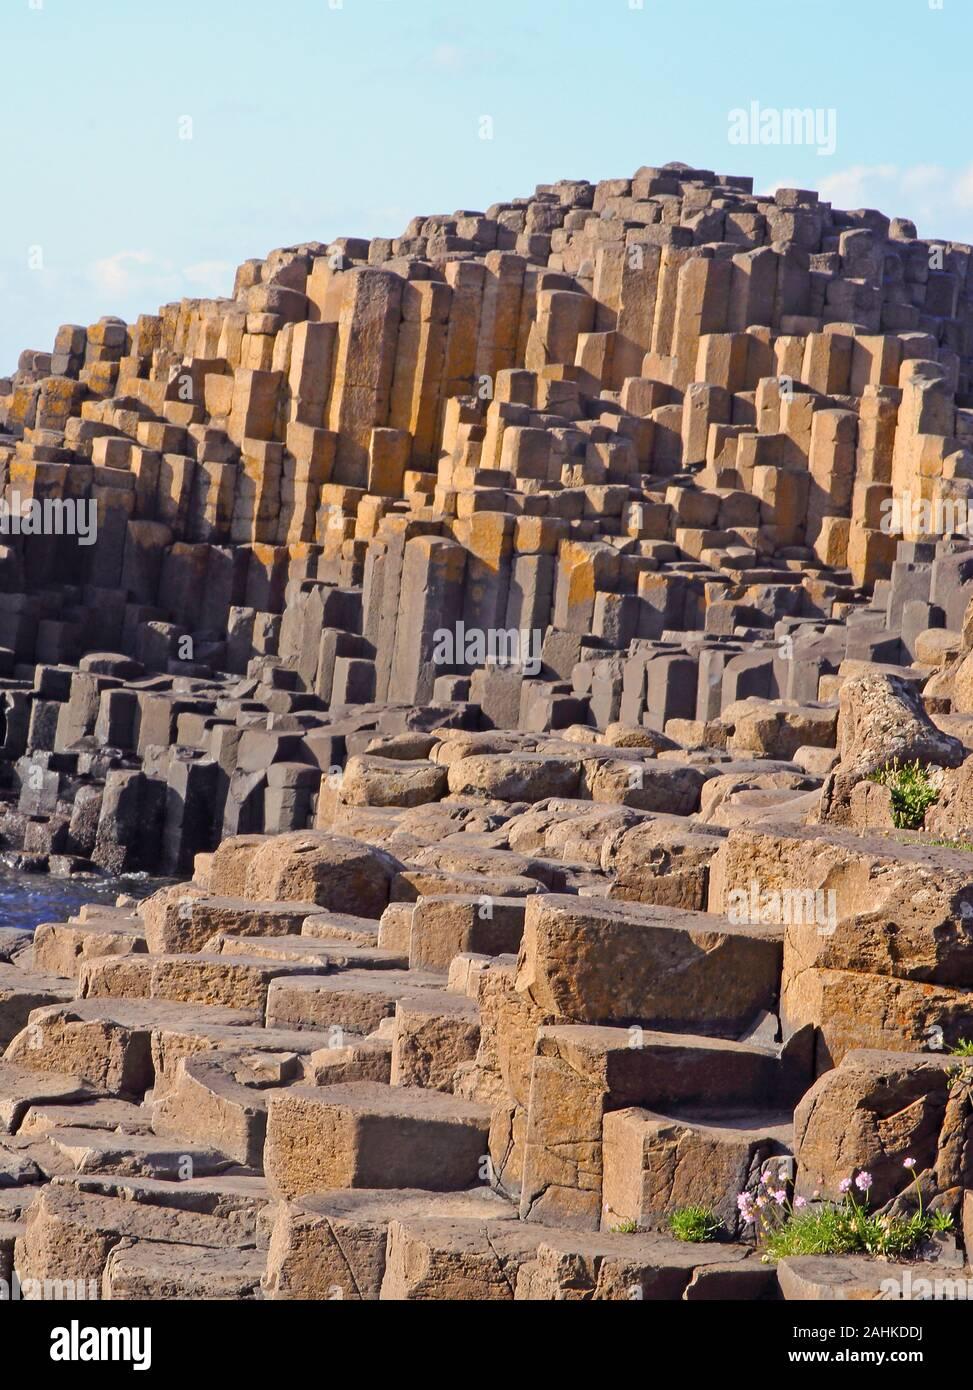 Colonnes de basalte massif de la Giant's Causeway, comté d'Antrim, en Irlande du Nord, Royaume-Uni. Banque D'Images